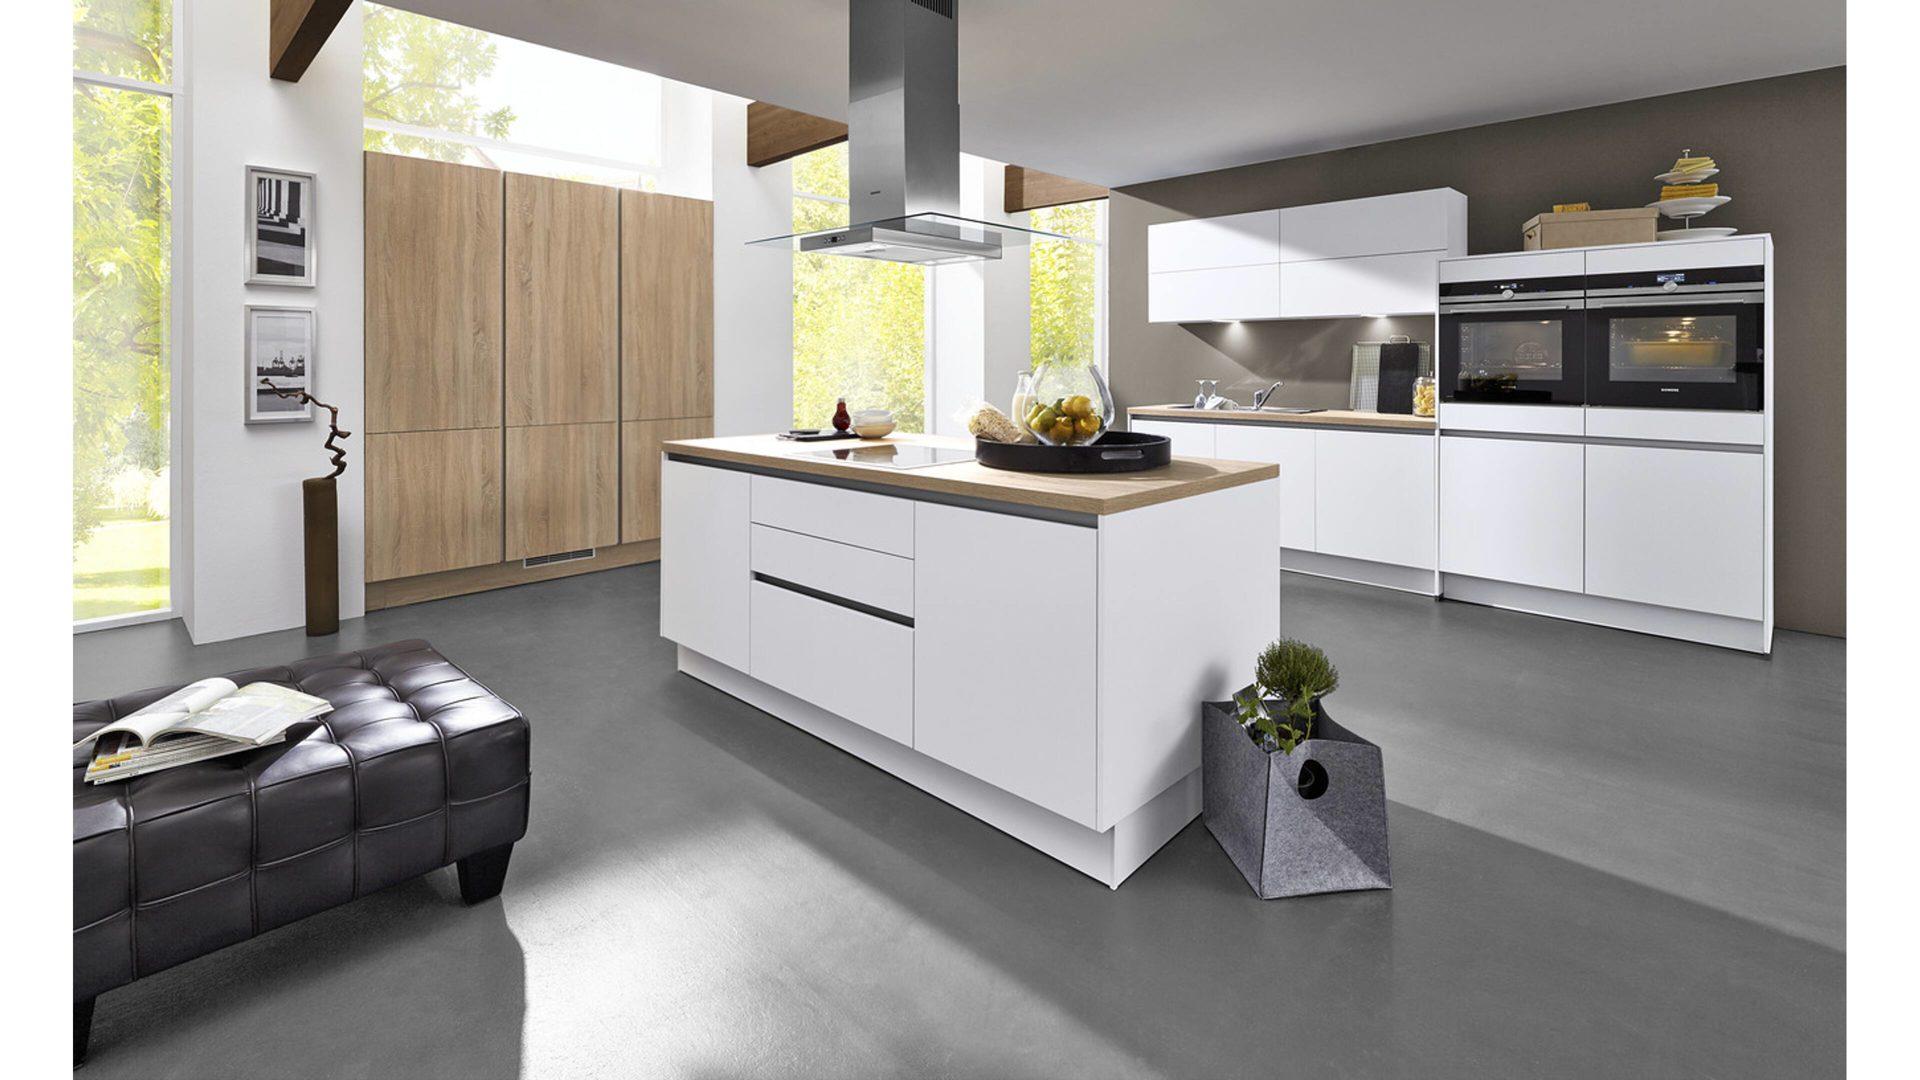 Berühmt Wahl Lackfarben Für Küche Mit Schränken Aus Eichenholz Fotos ...